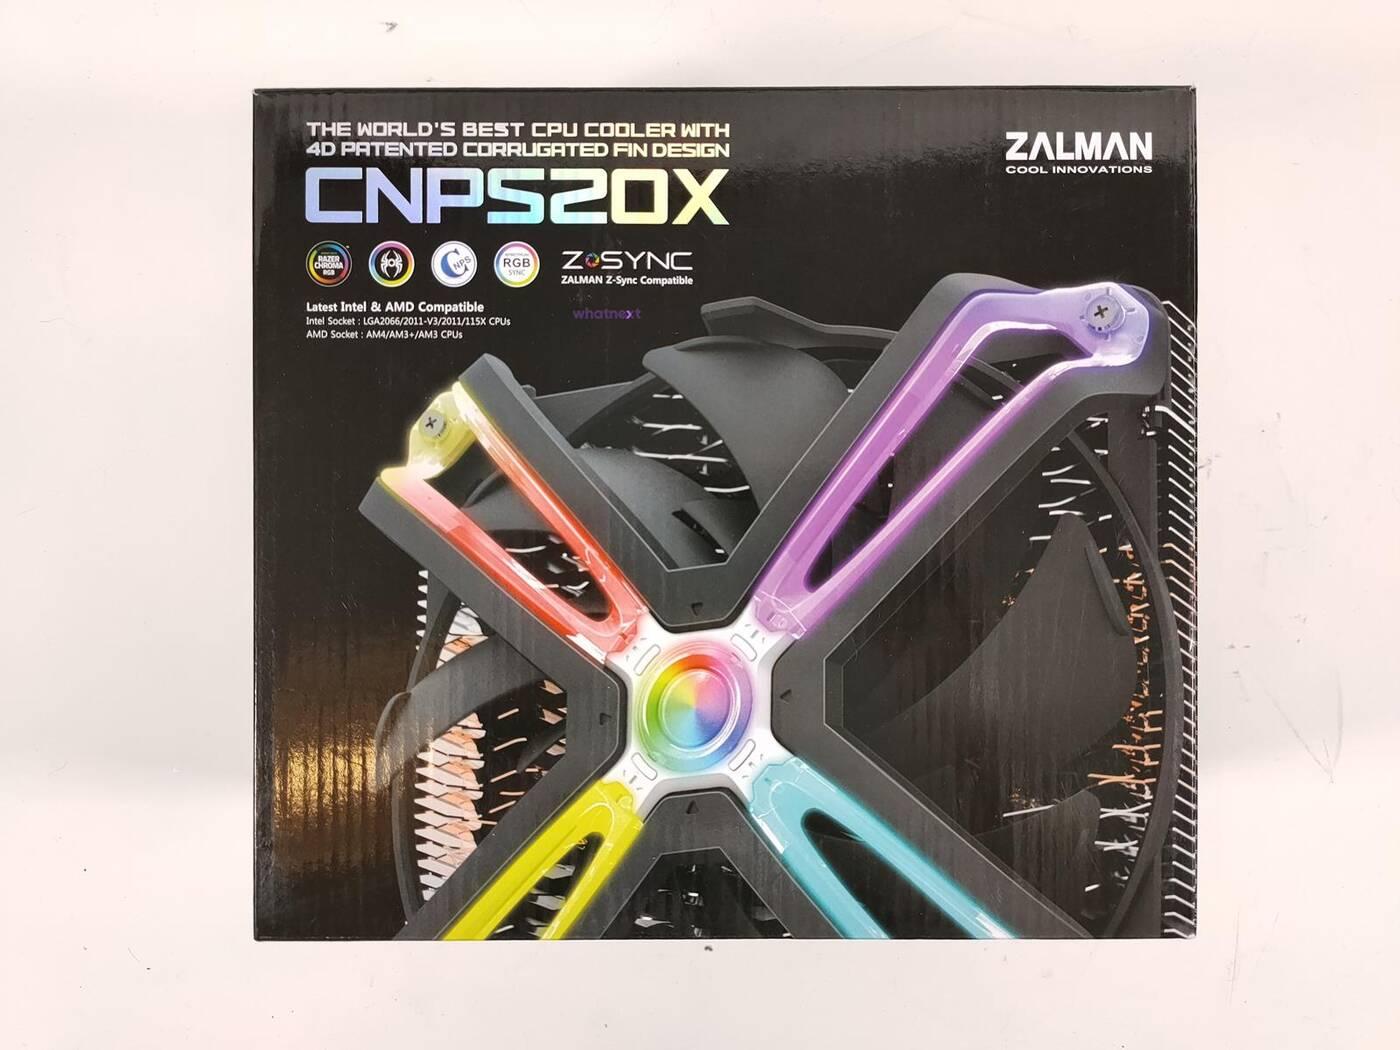 test Zalman CNPS20X, recenzja Zalman CNPS20X, review Zalman CNPS20X, opinia Zalman CNPS20X